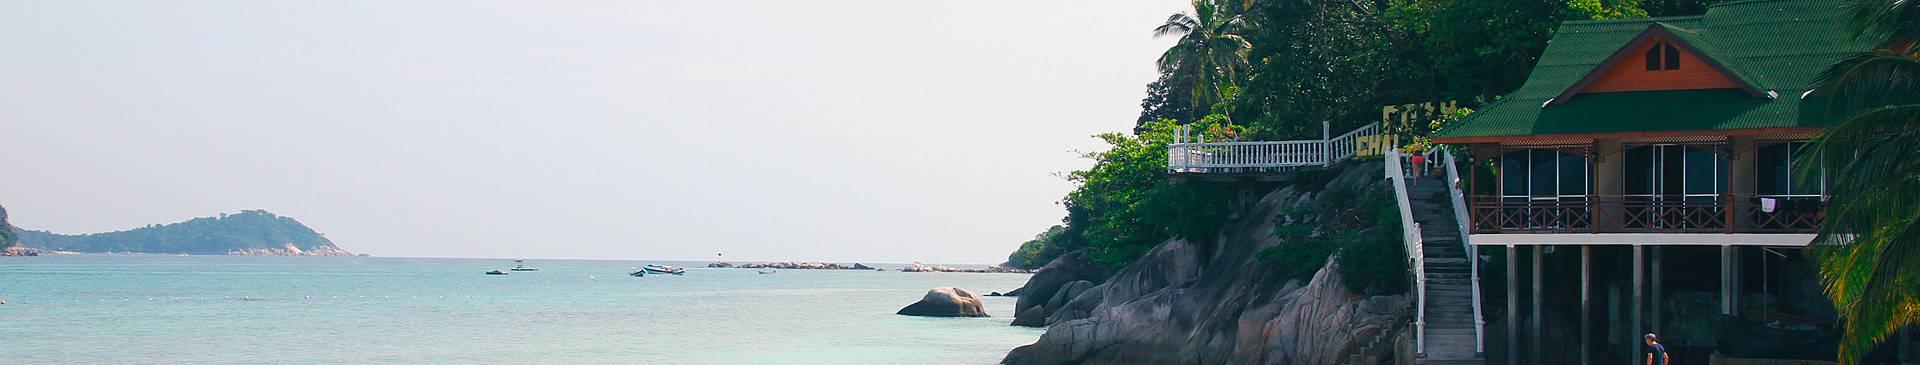 Viaggi al mare in Malesia